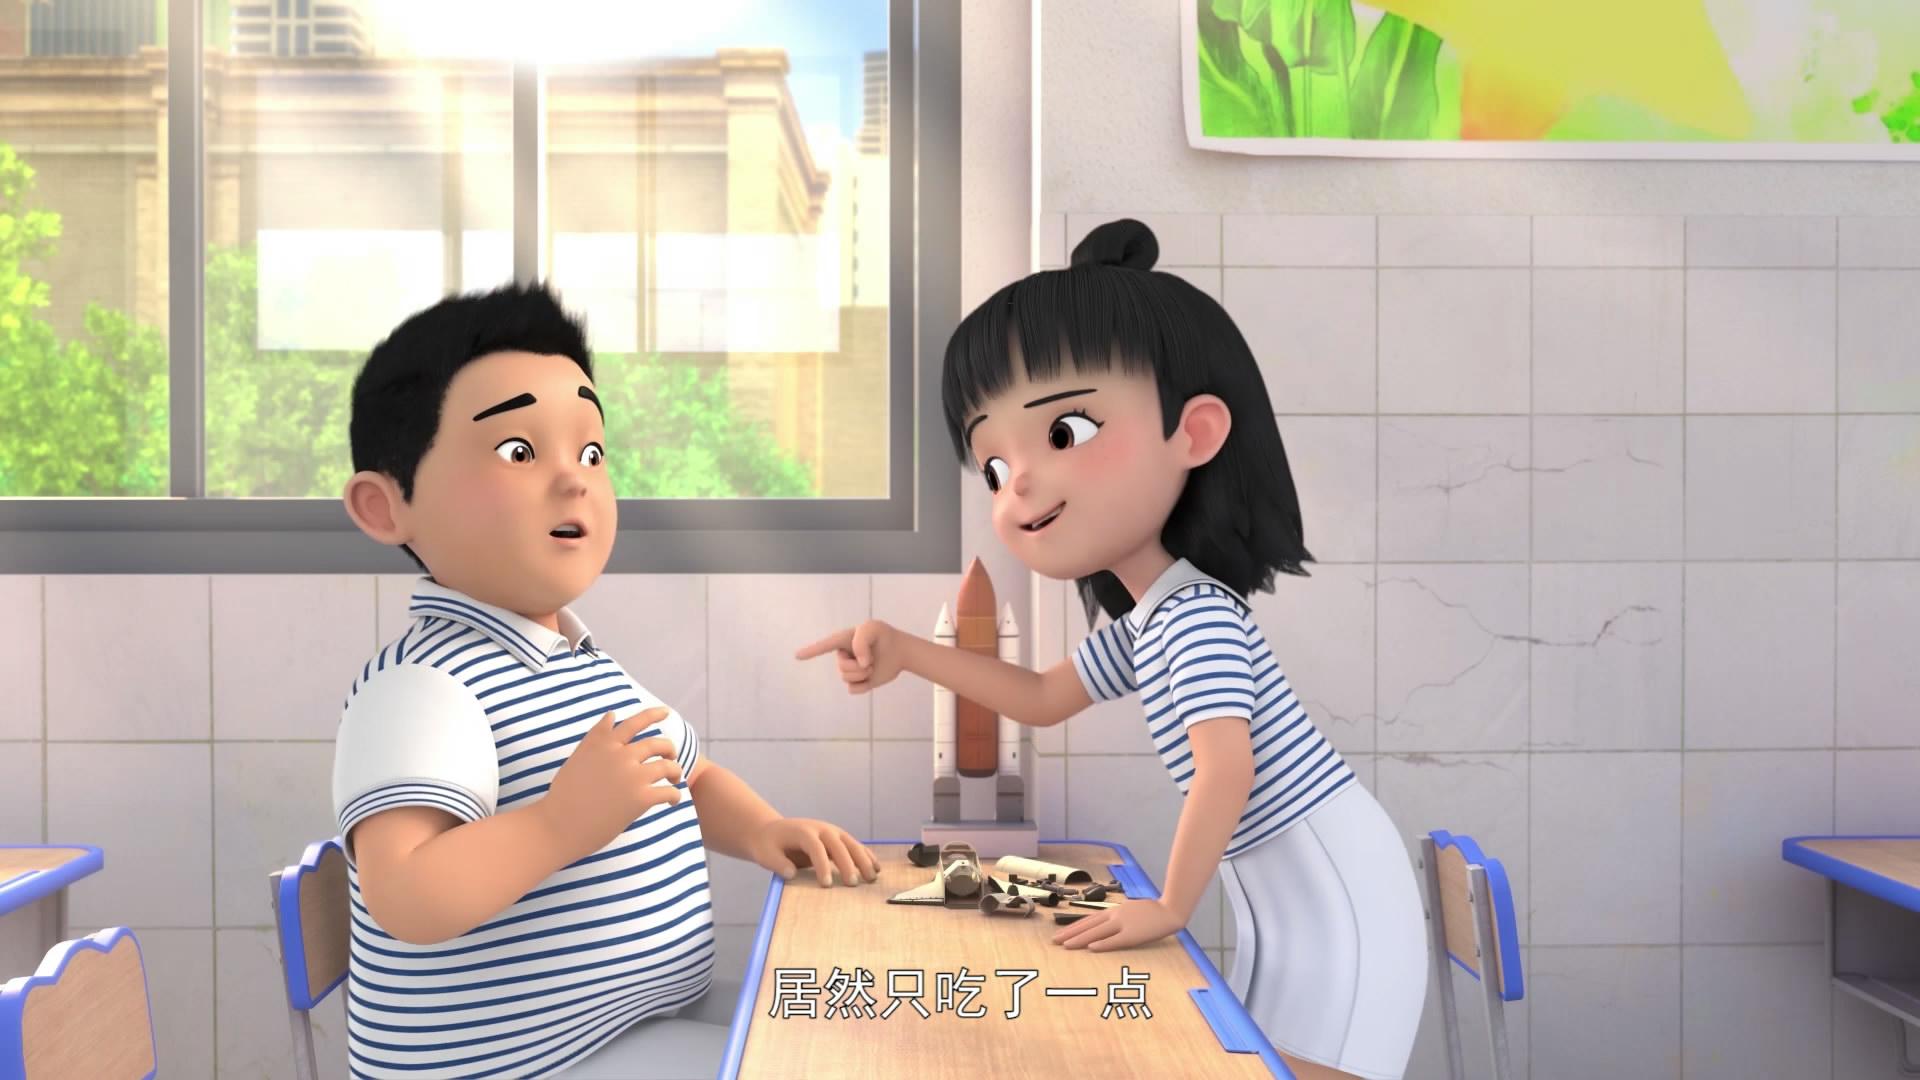 金鹰卡通《23号牛乃唐》牛乃唐帮同学澄清误会